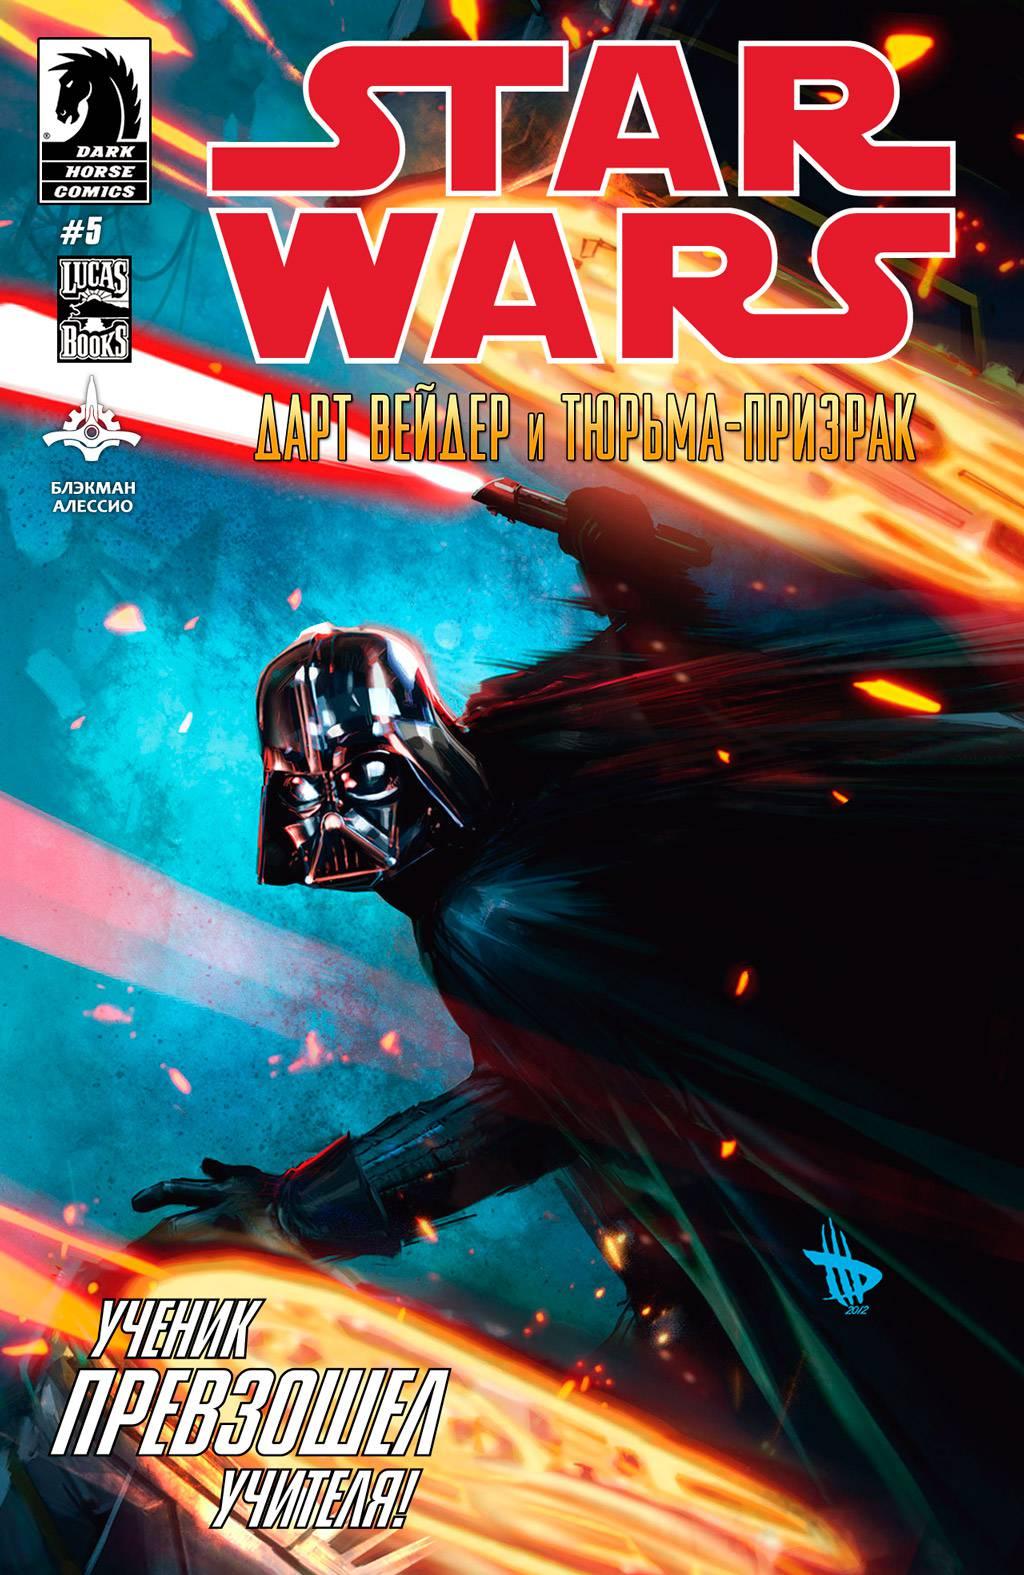 Звёздные войны: Дарт Вейдер и Тюрьма-Призрак №5 онлайн